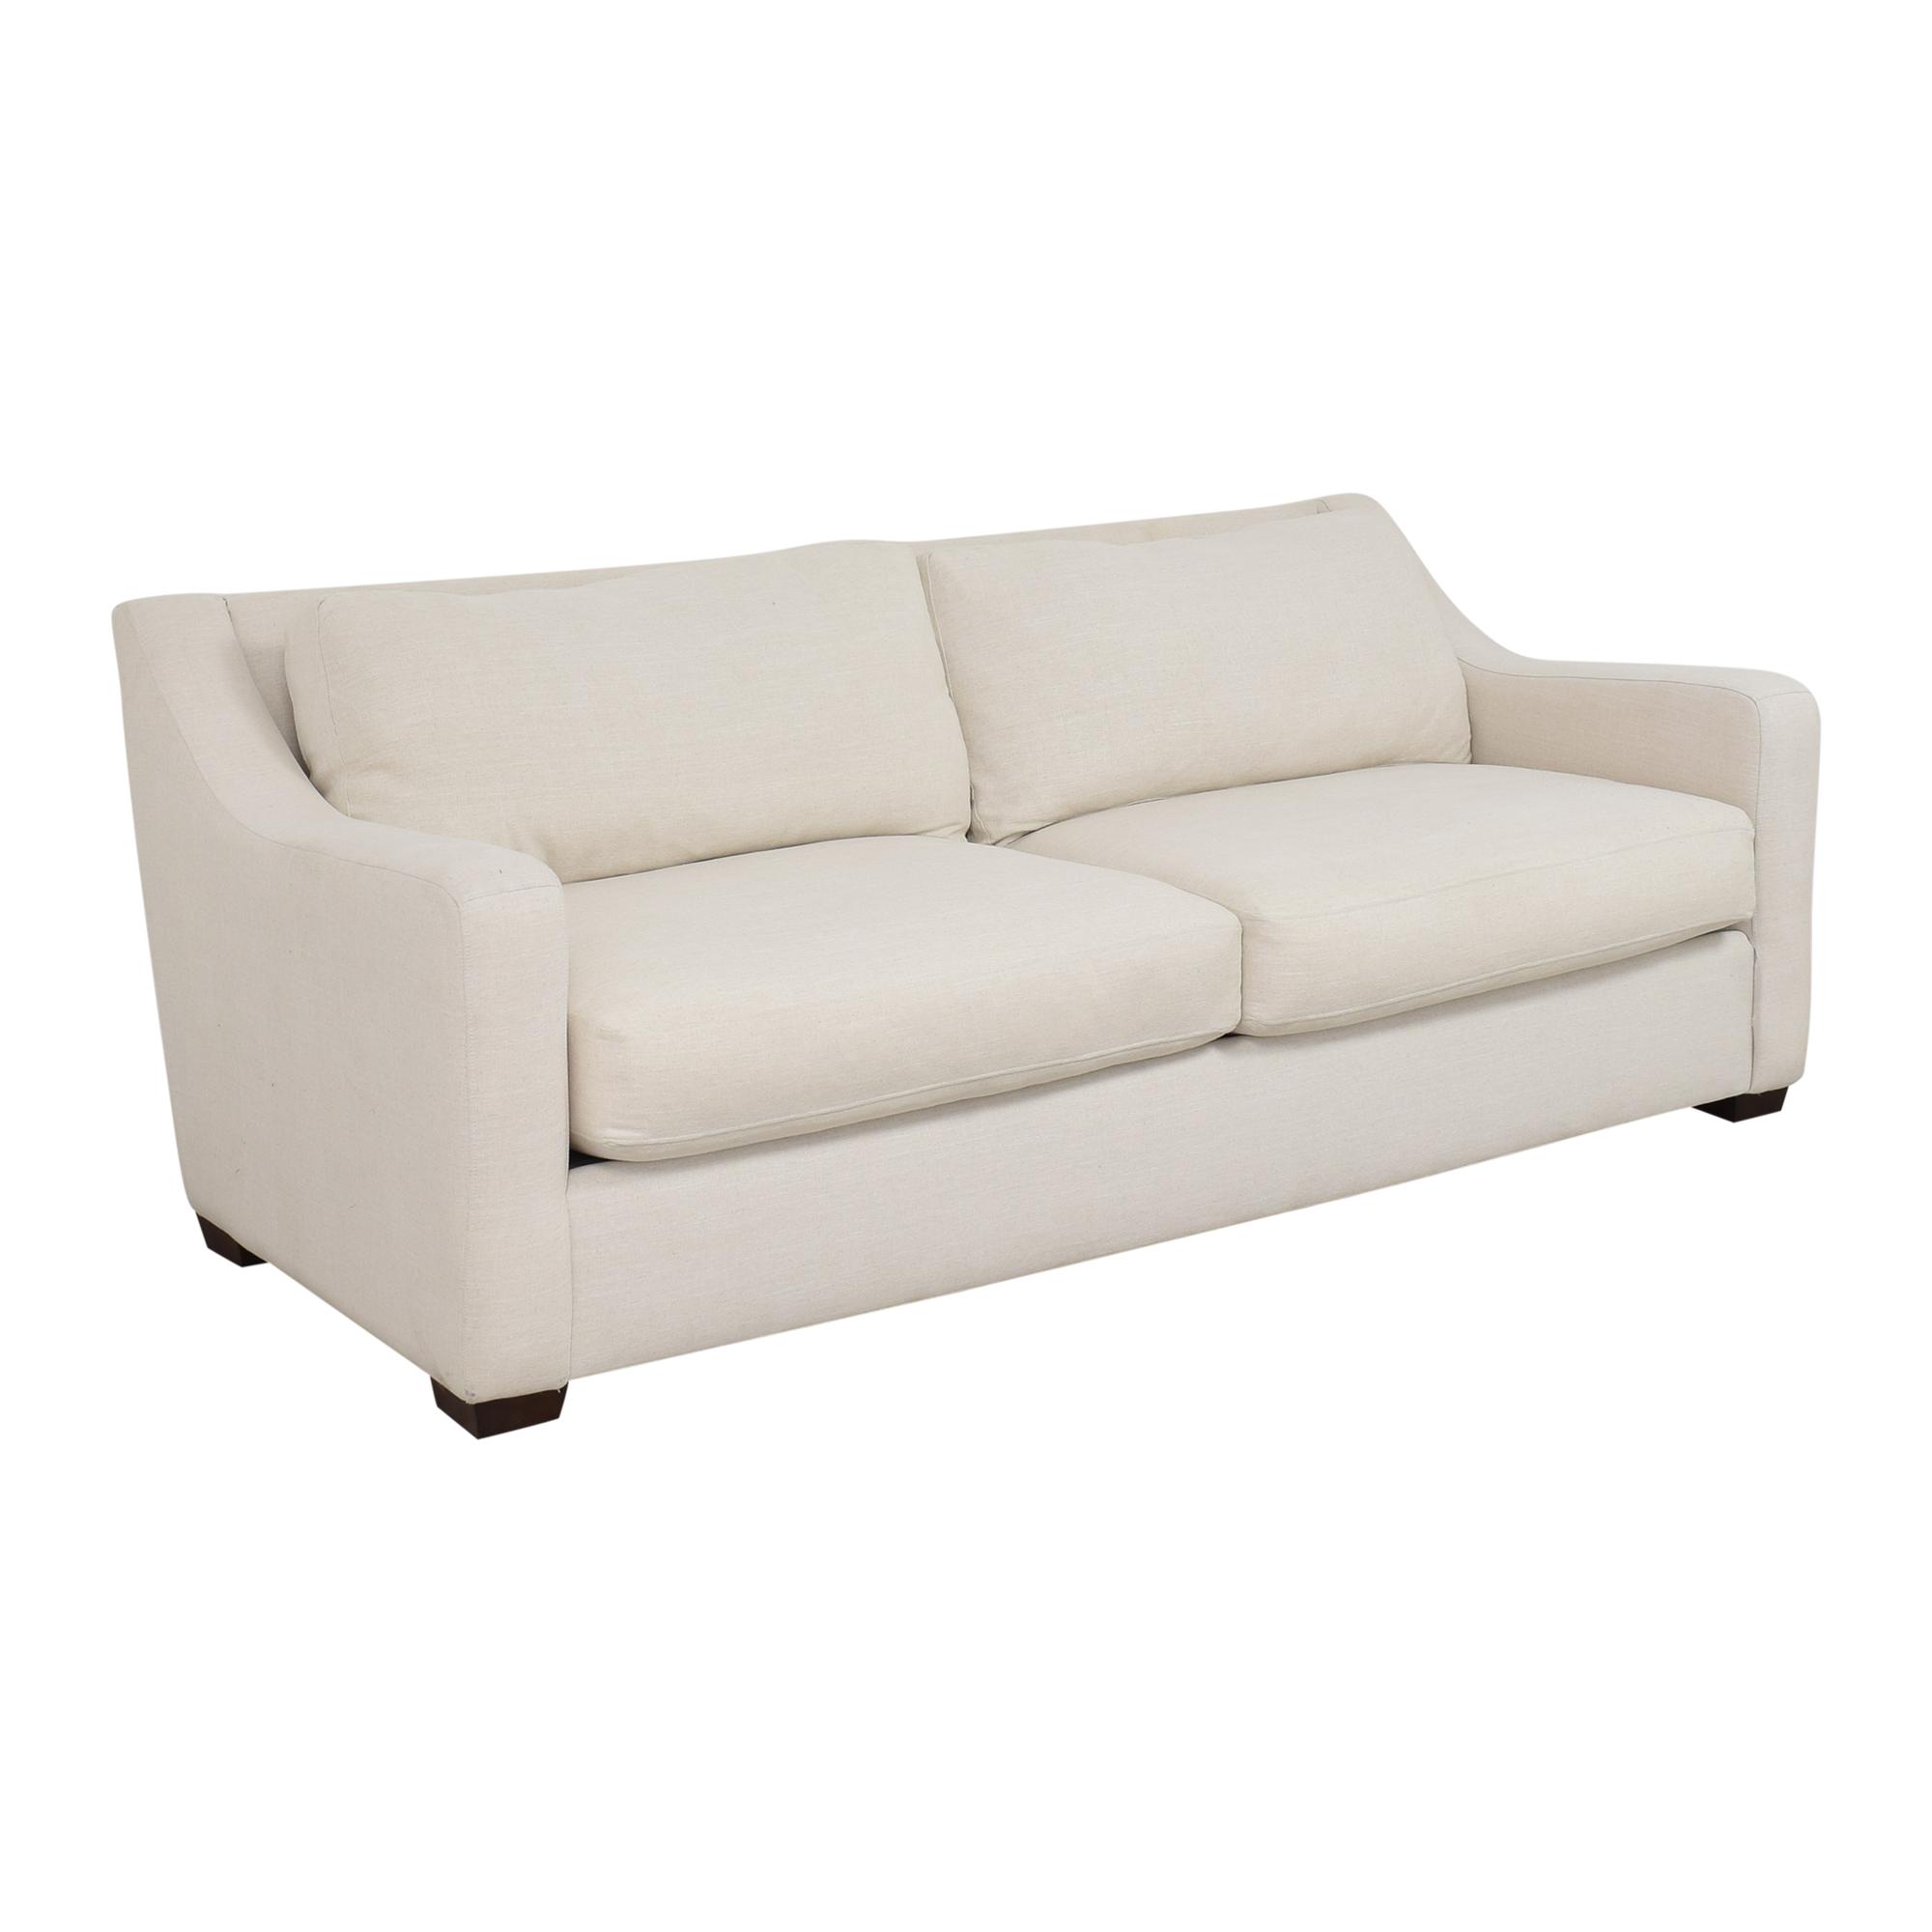 Aria Designs Aria Designs Two Cushion Sofa nj